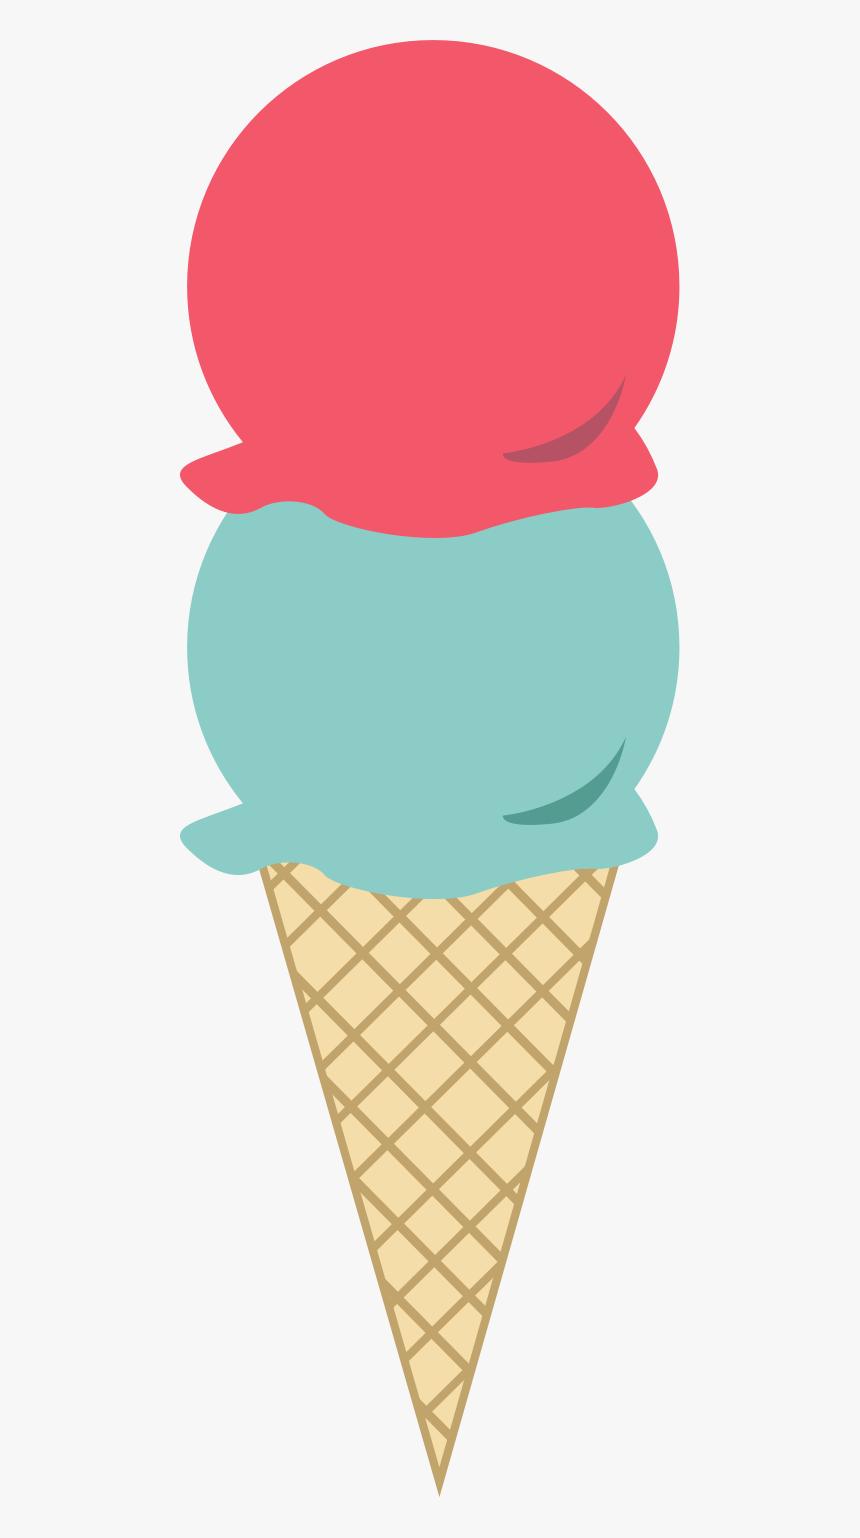 Clipart Ice Cream Cone - Clip Art Ice Cream Cone, HD Png Download, Free Download